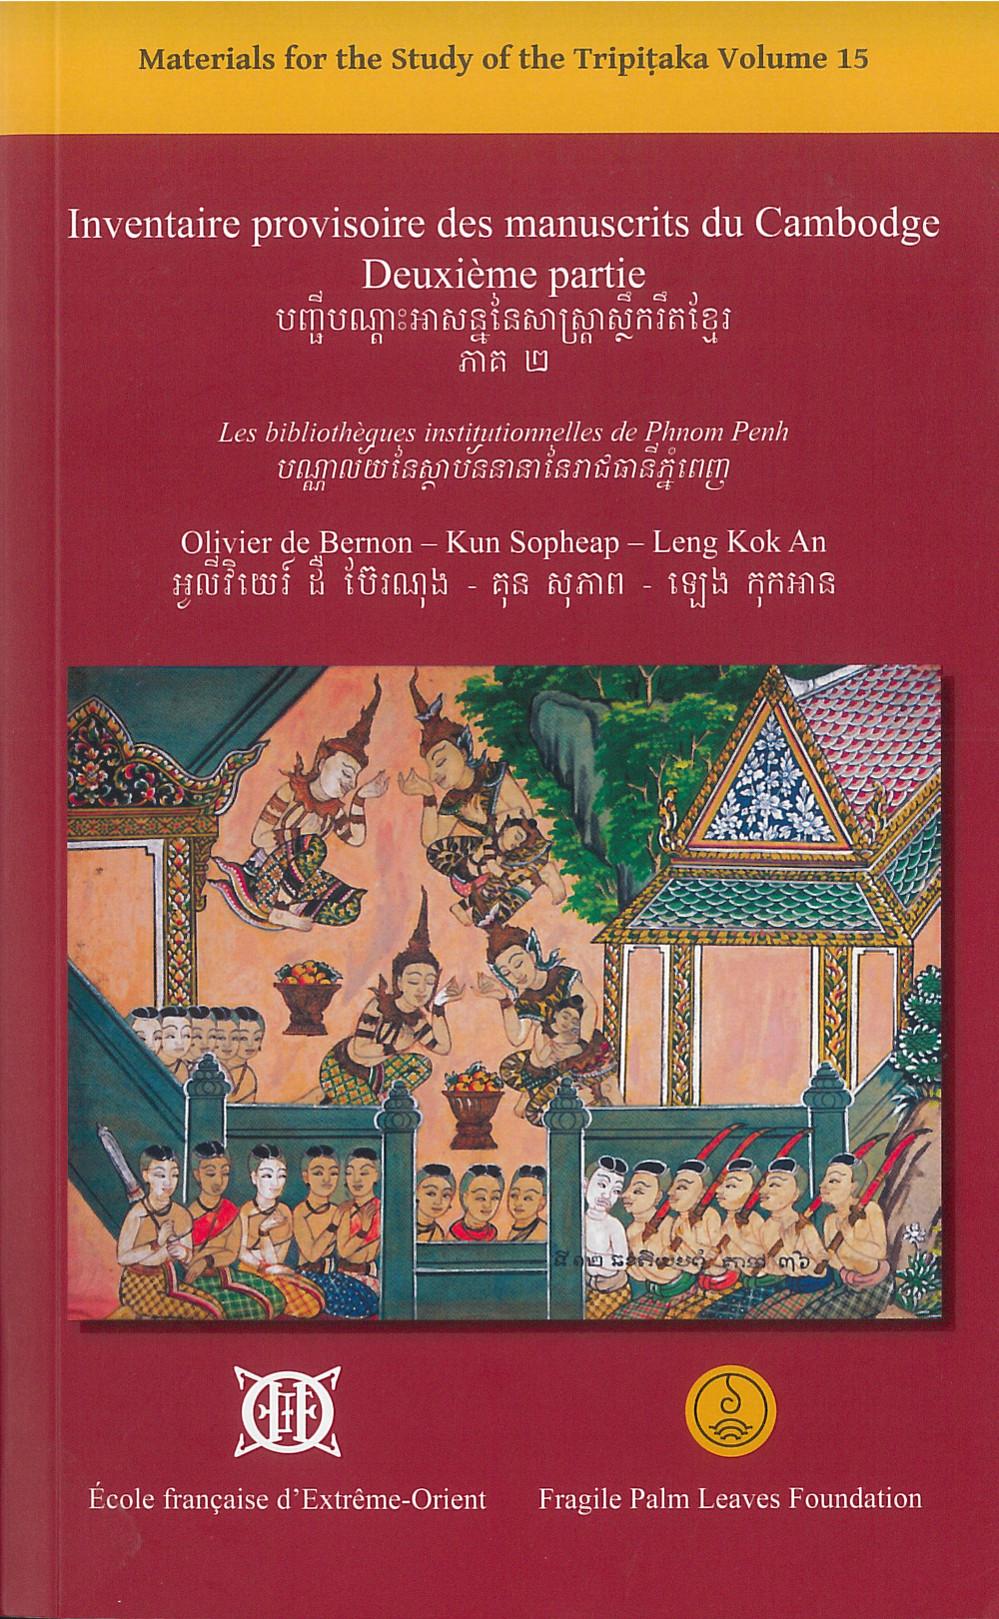 Inventaire provisoire des manuscrits du Cambodge, deuxième partie